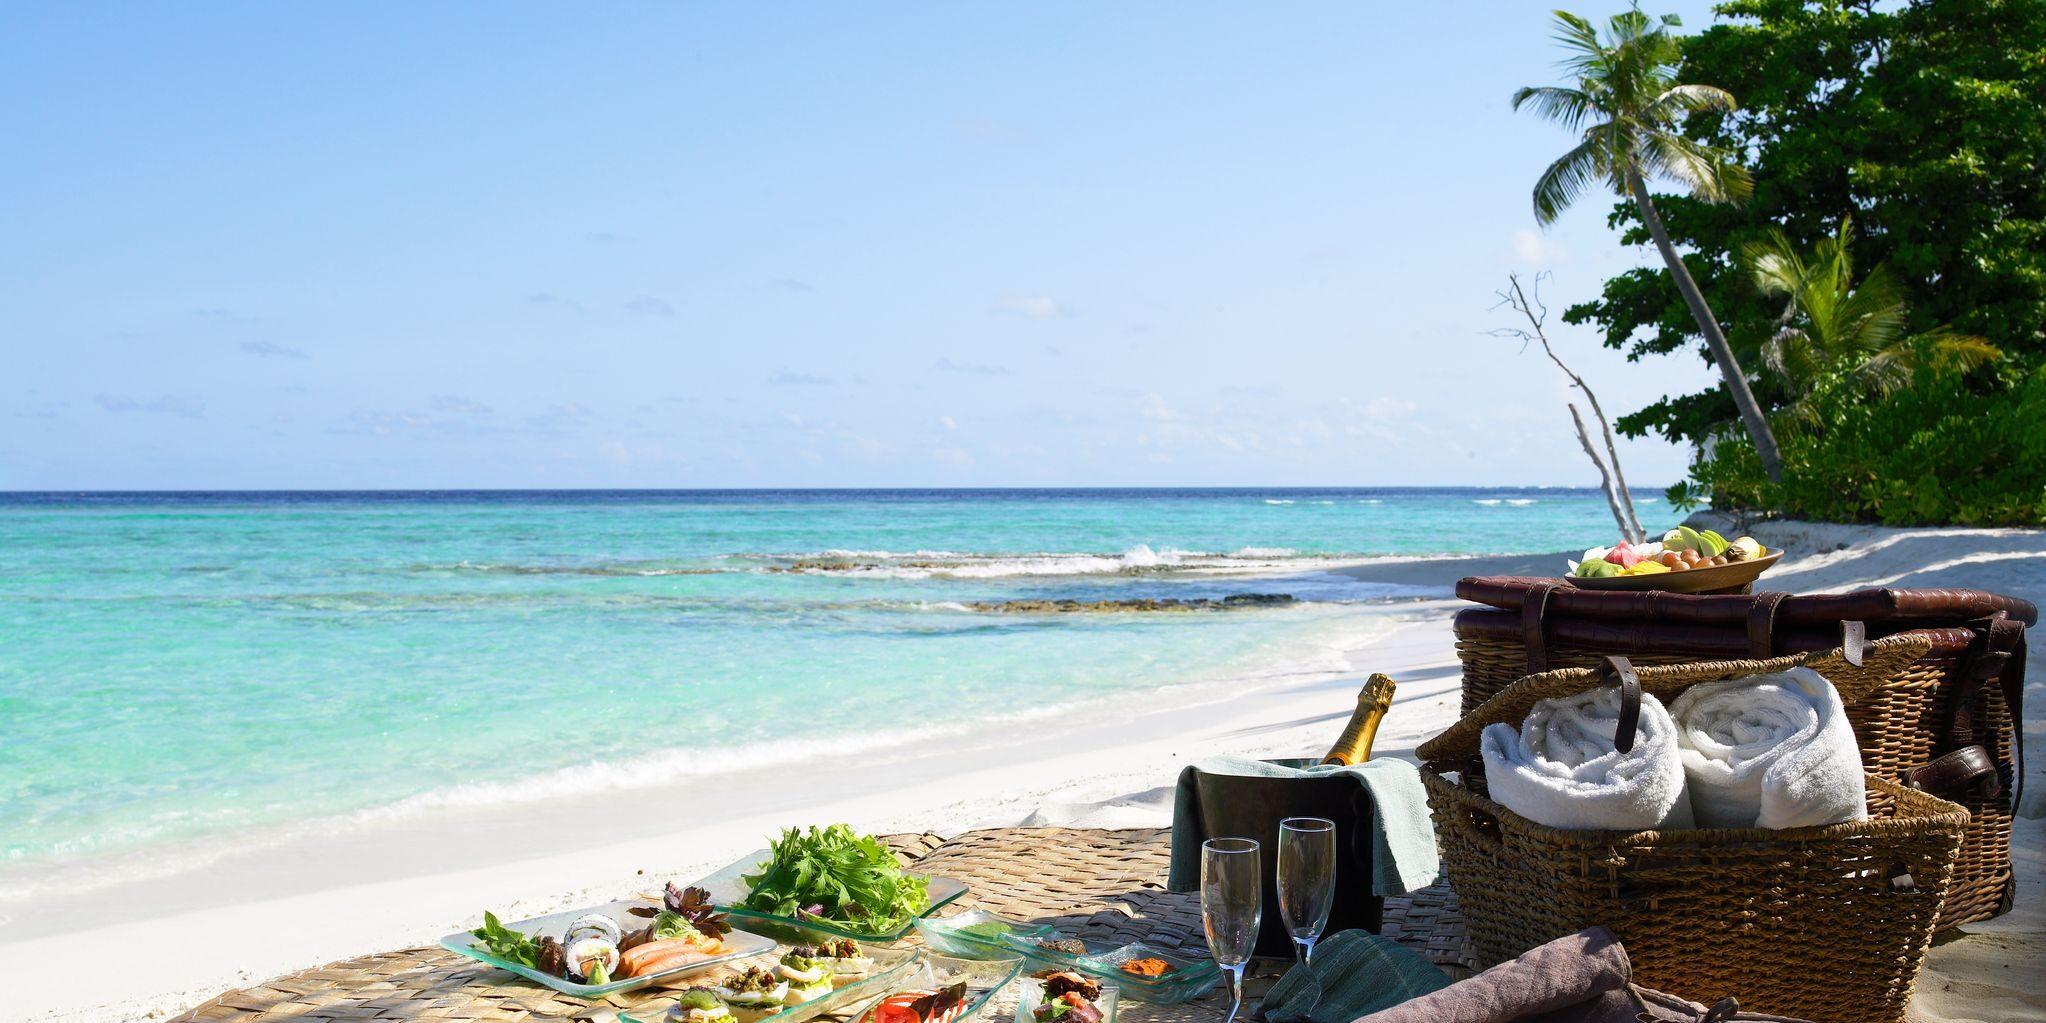 Reisen in Style Magazin - Malediven Picknick